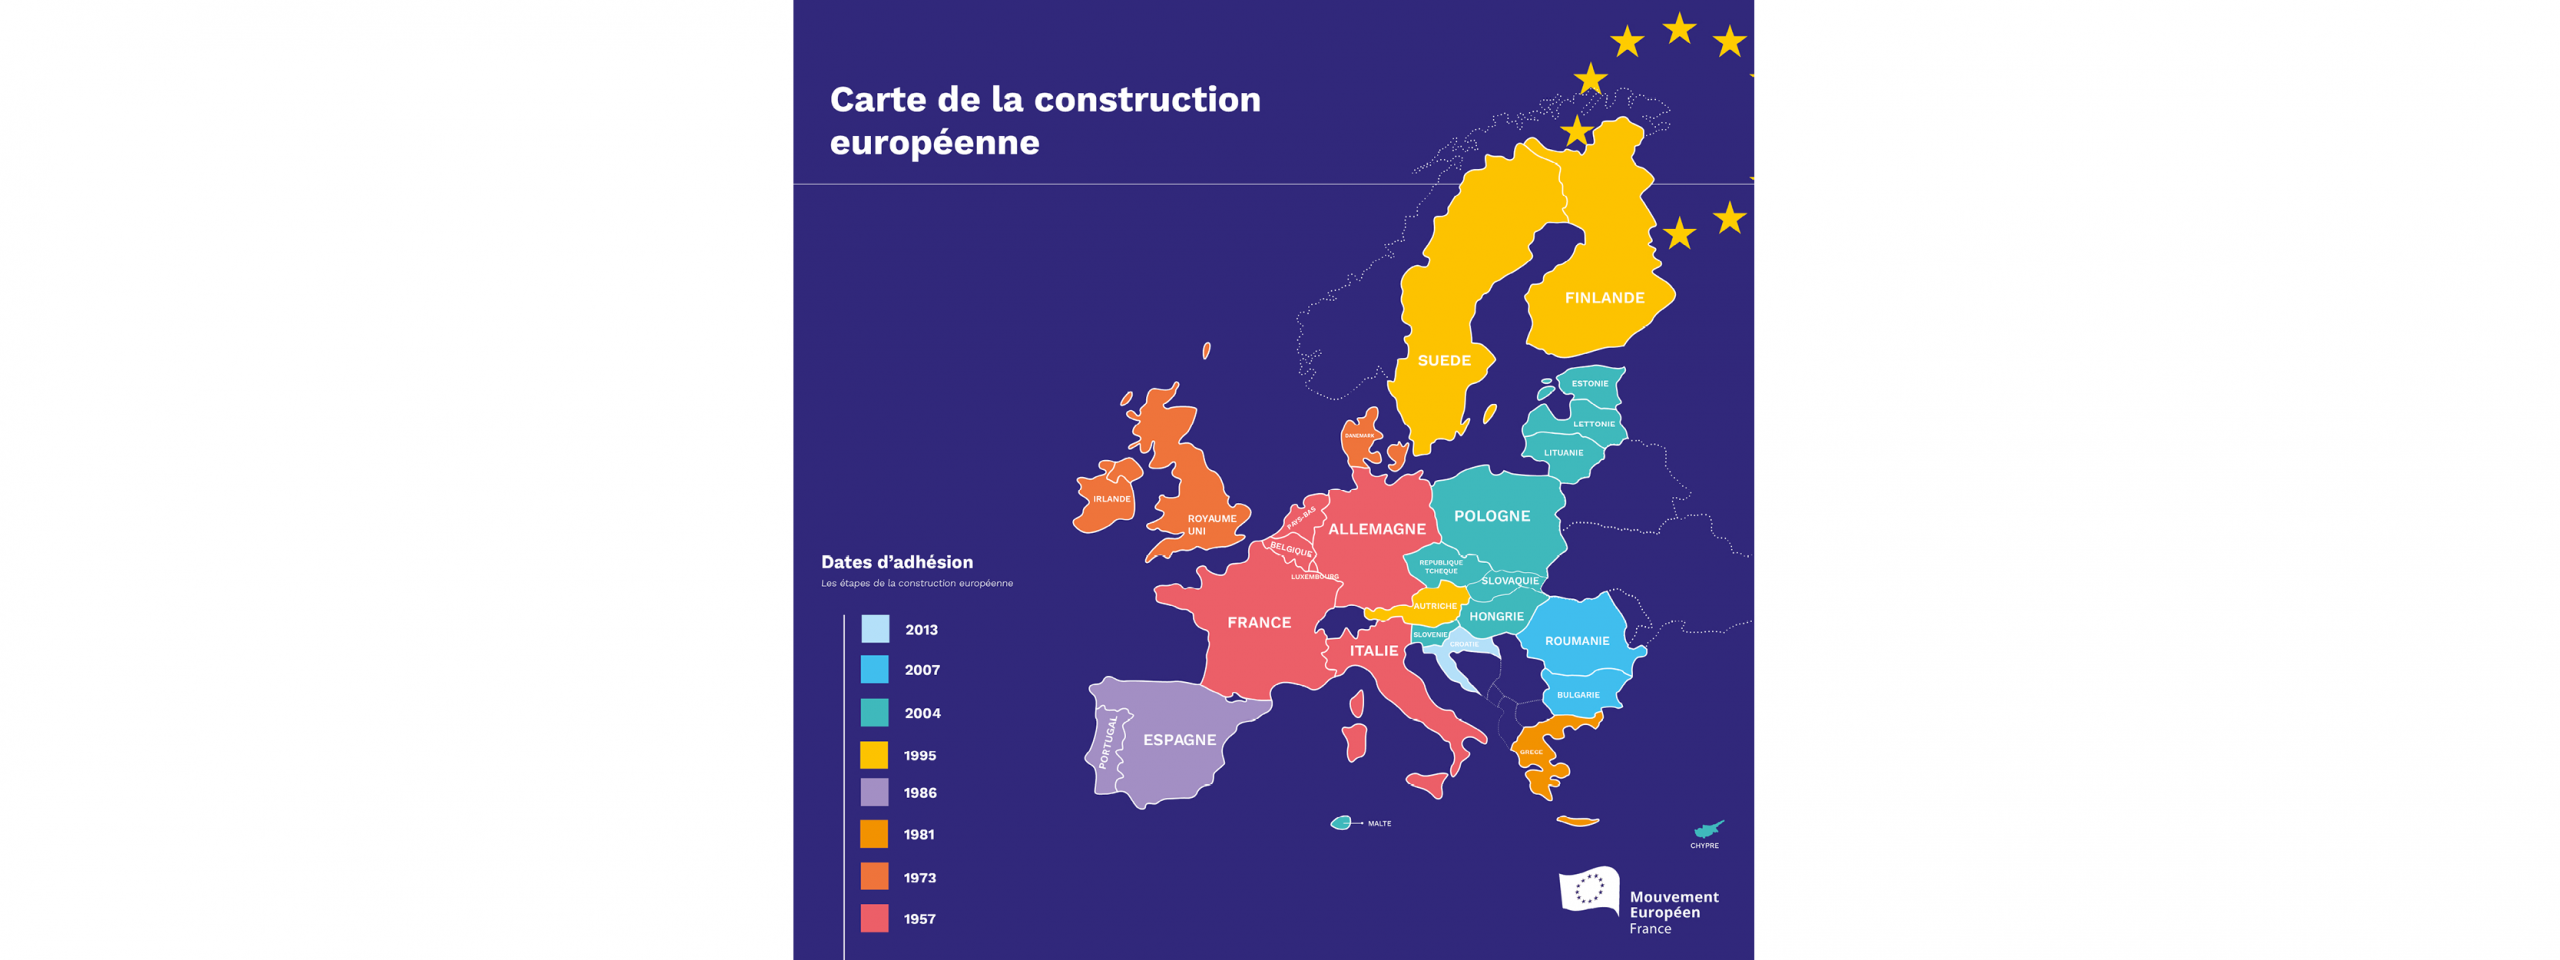 Union Européenne : La Construction Européenne En Carte tout La Carte De L Union Européenne